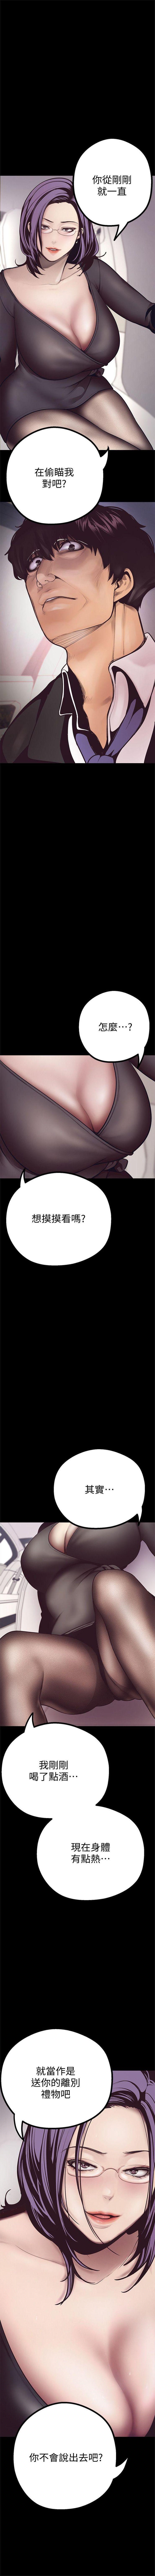 美麗新世界 1-85 官方中文(連載中) 59